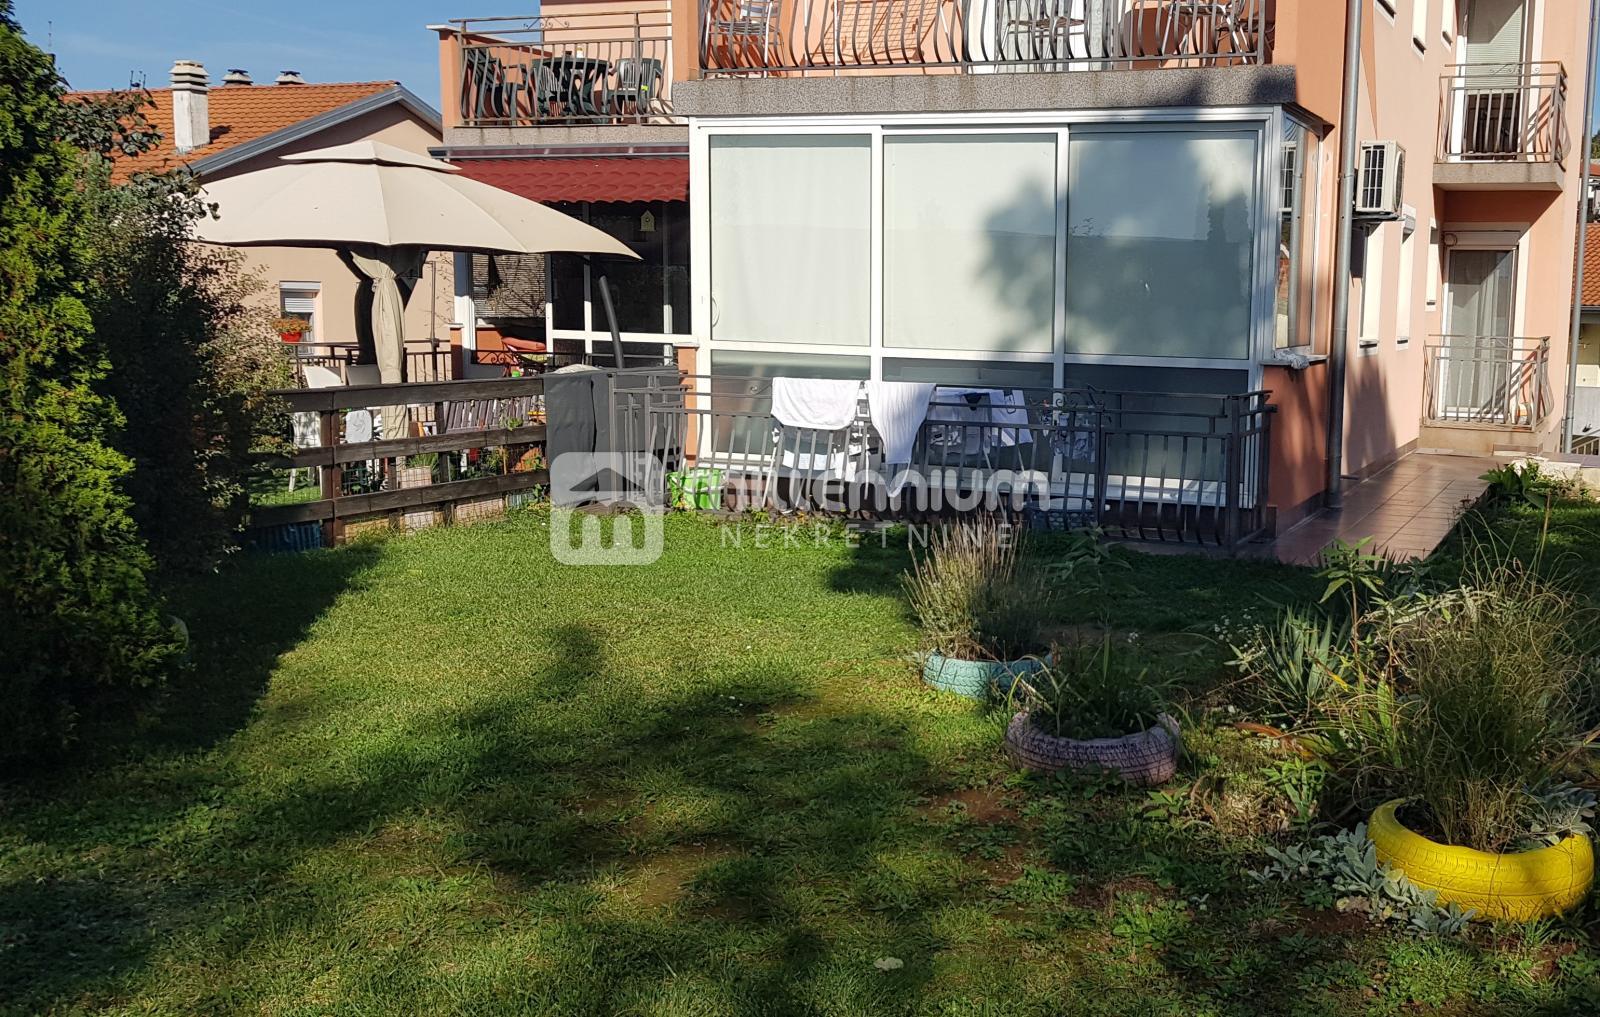 Viškovo, 53m2, 1-sobni stan s db, 72.000€/hrk